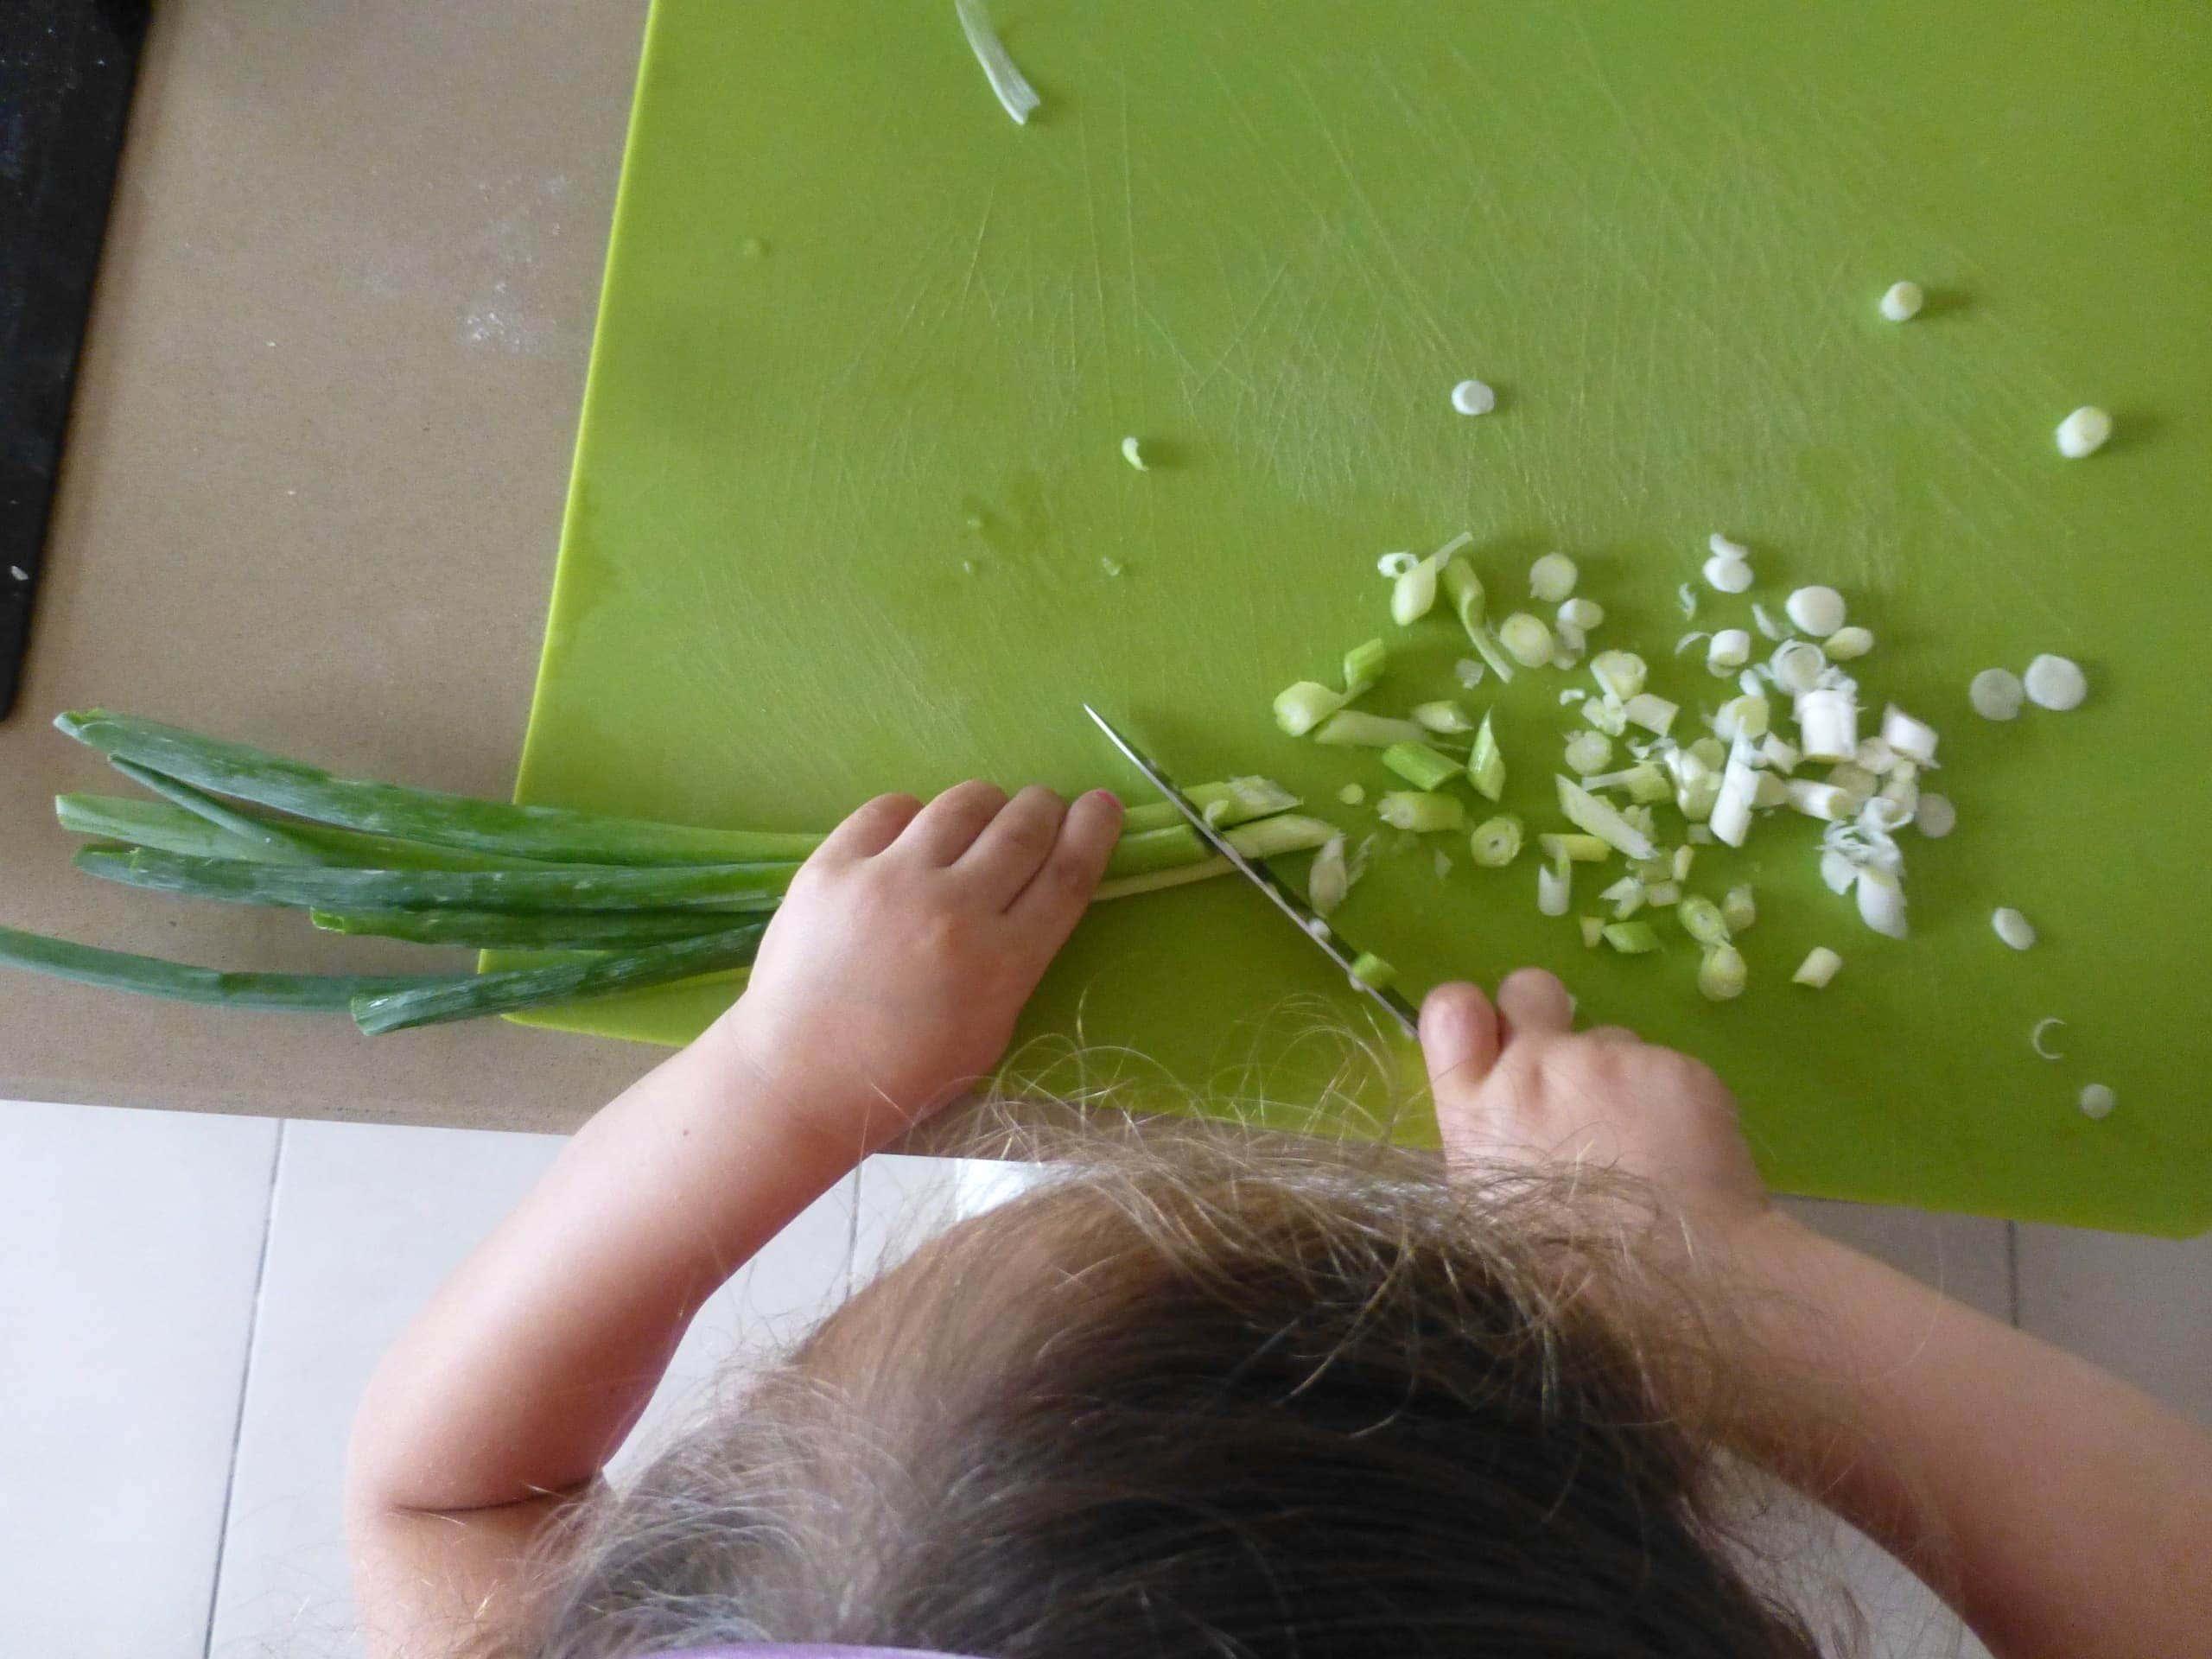 לומדת לחתוך בצל ירוק לבד